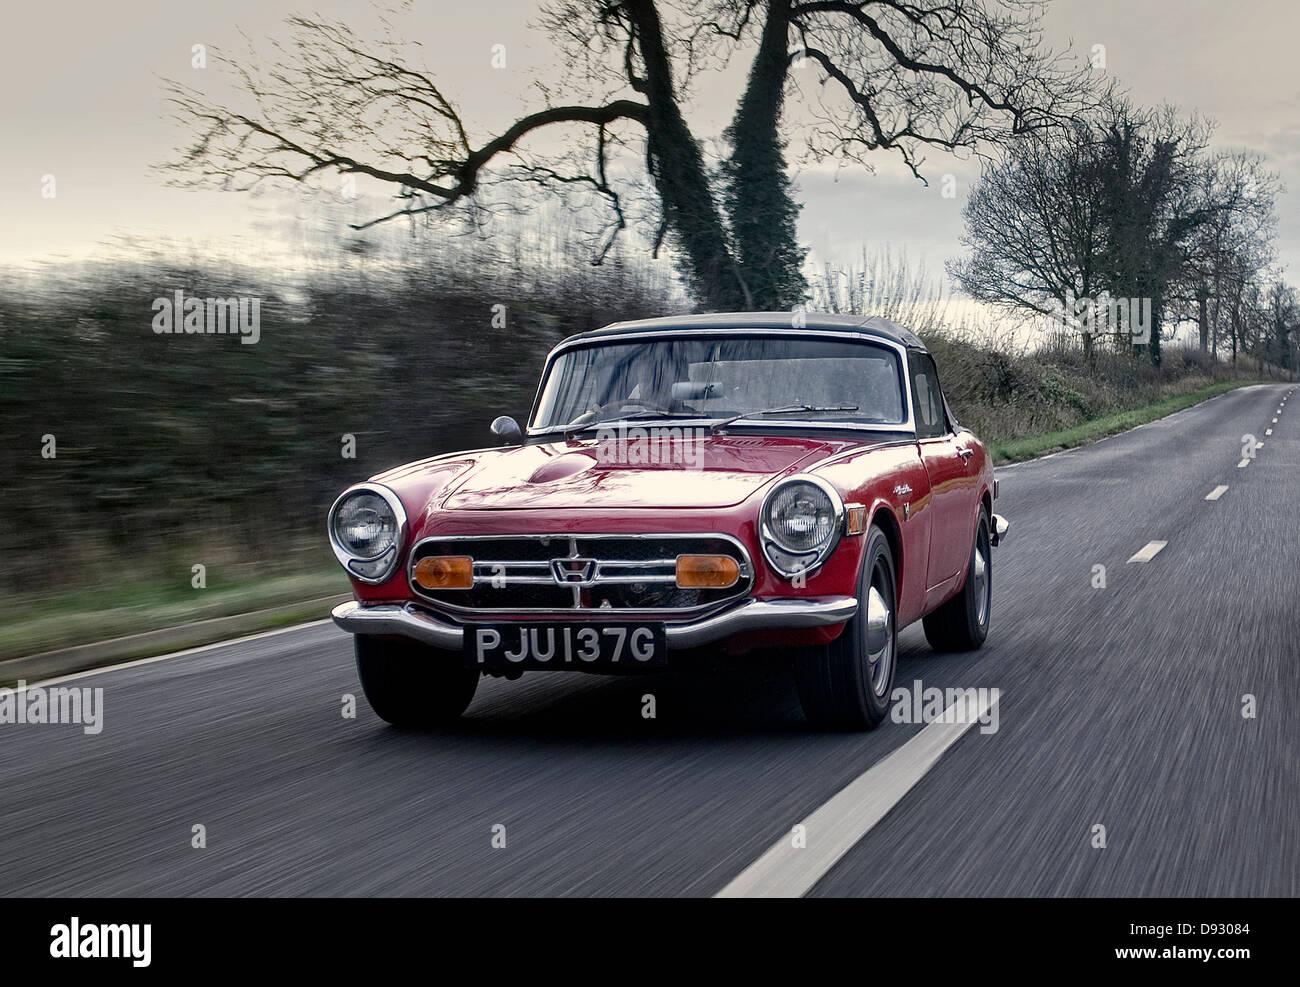 1968-Honda S800 Sportwagen fahren auf einer englischen Landstraße Stockbild